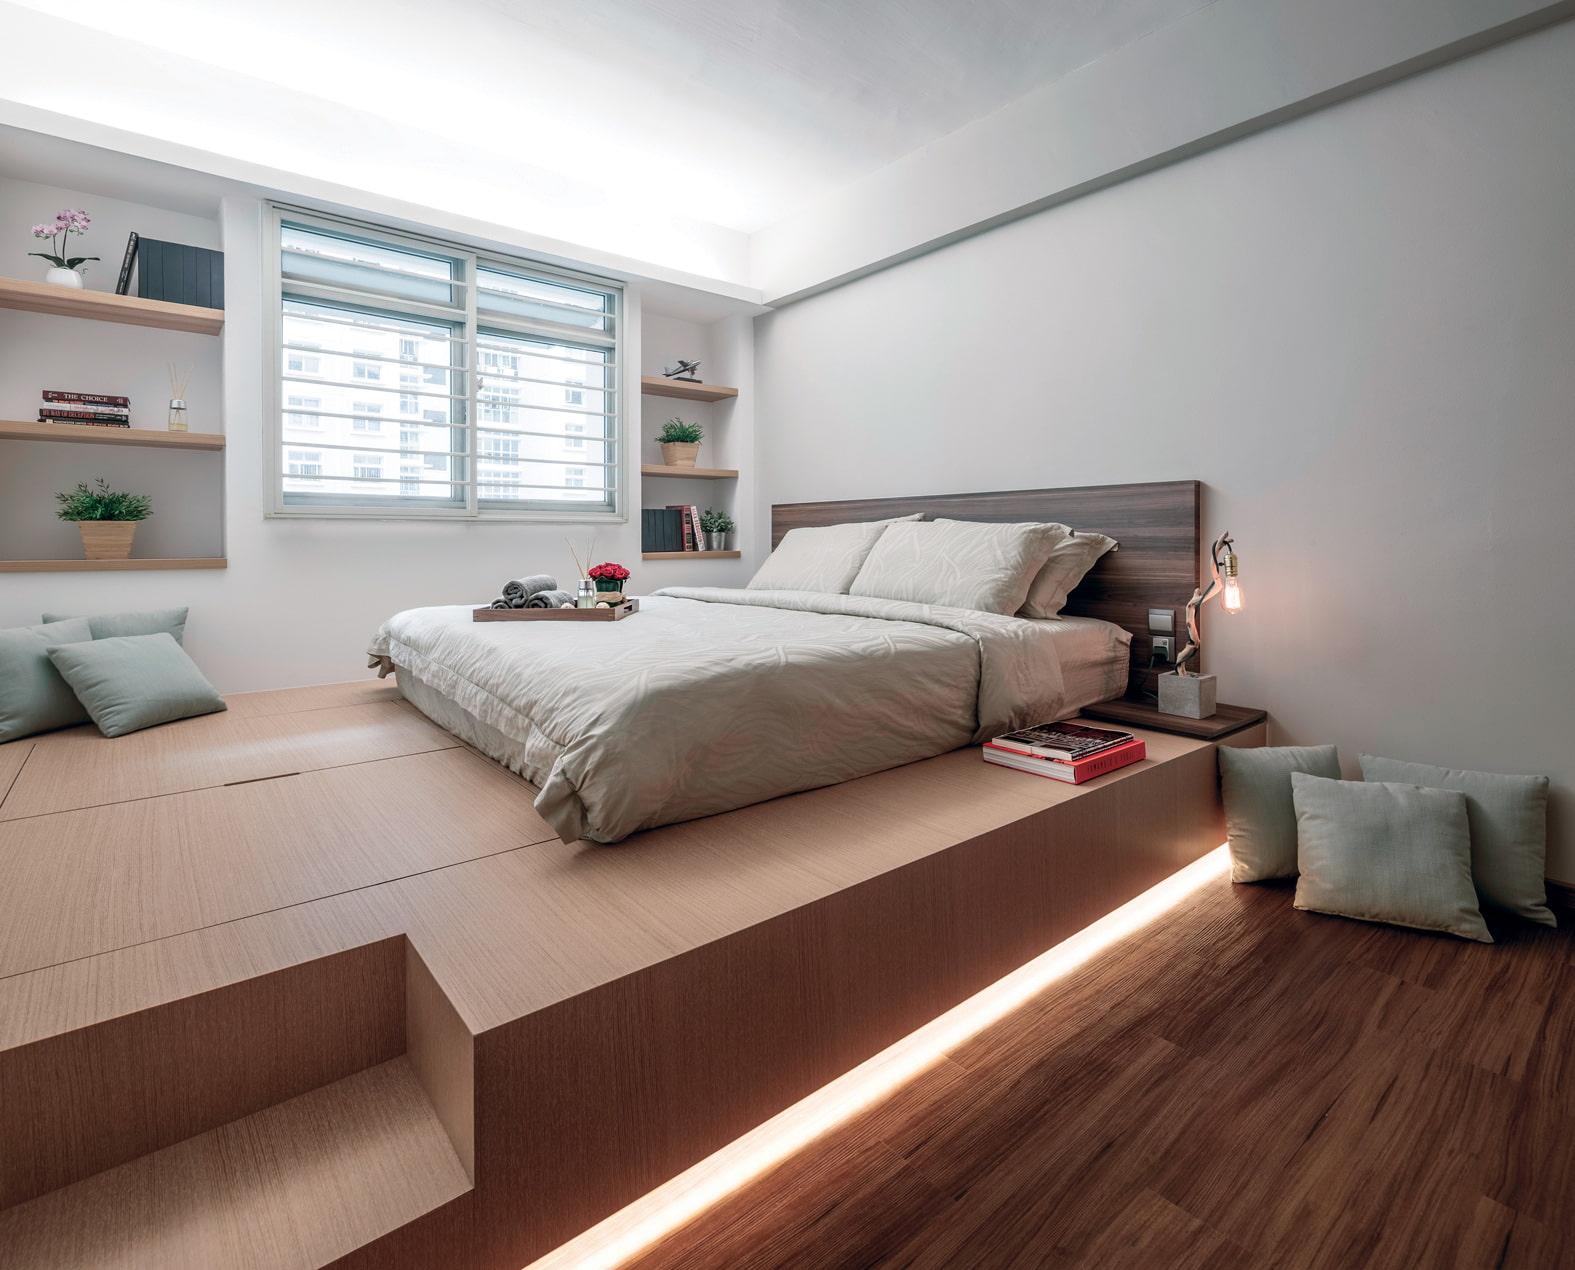 груди как поставить двуспальную кровать в зале фото интересного сюжета